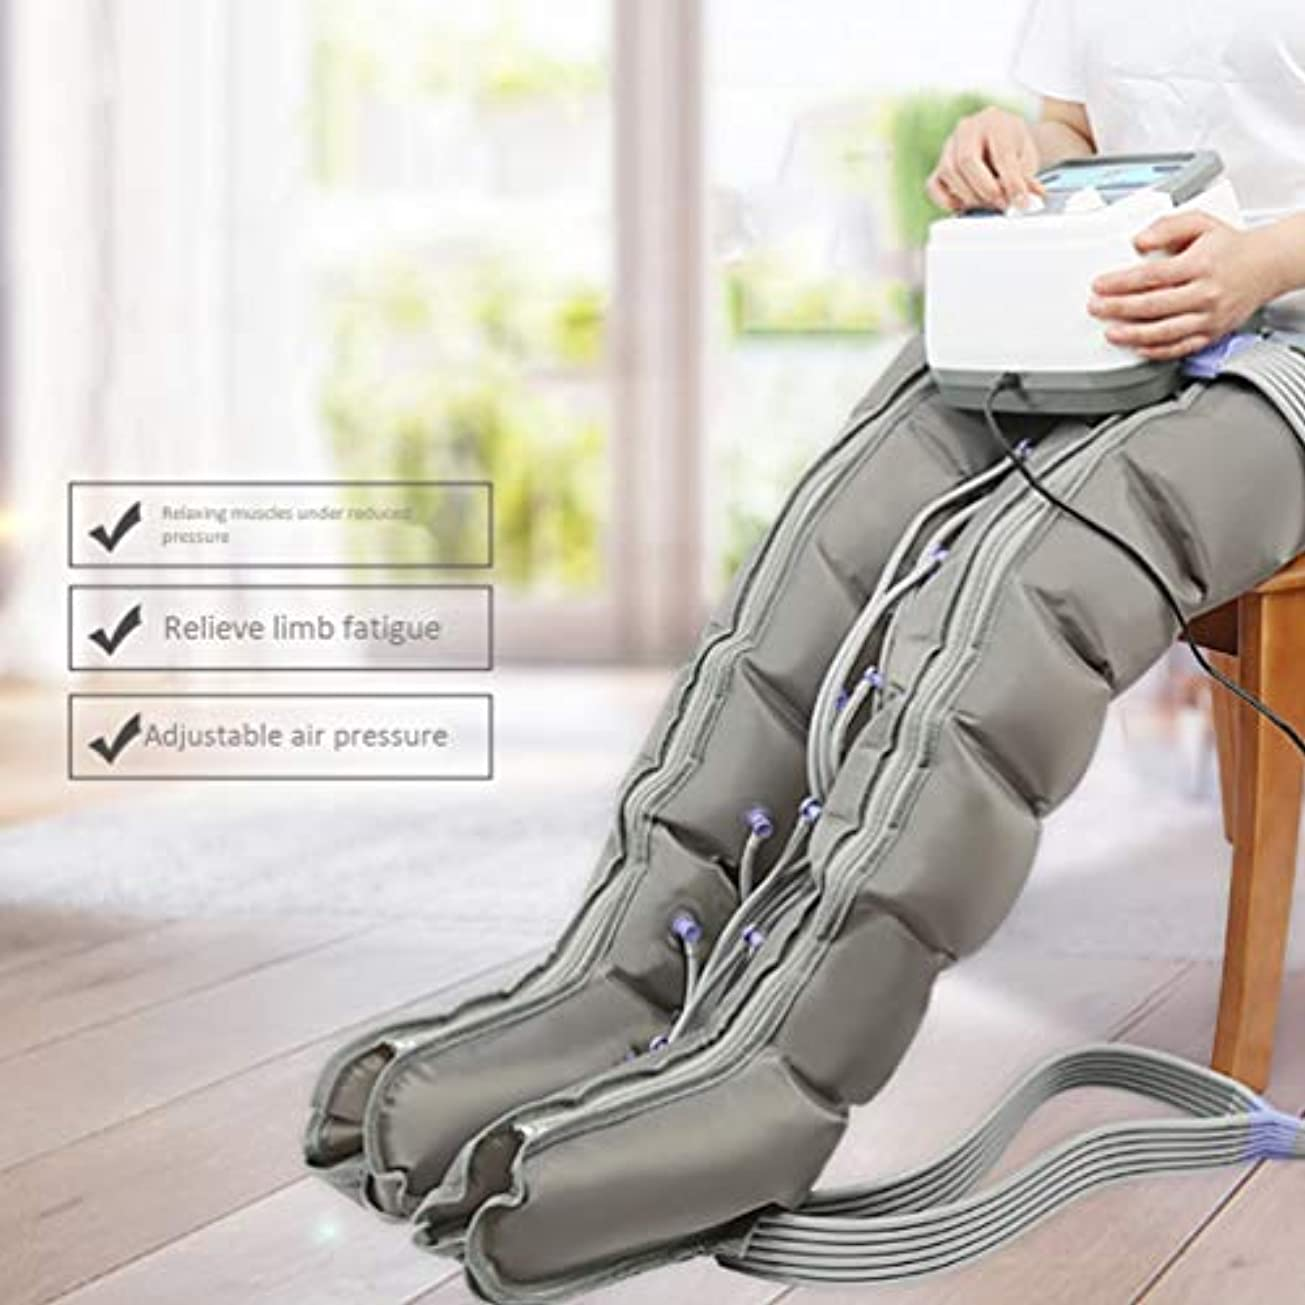 認可近傍驚かす空気圧縮脚マッサージ機足とふくらはぎの足の太もものマッサージでふくらはぎの循環ブースターは腫れや浮腫の痛みを助ける(6つのキャビティ)